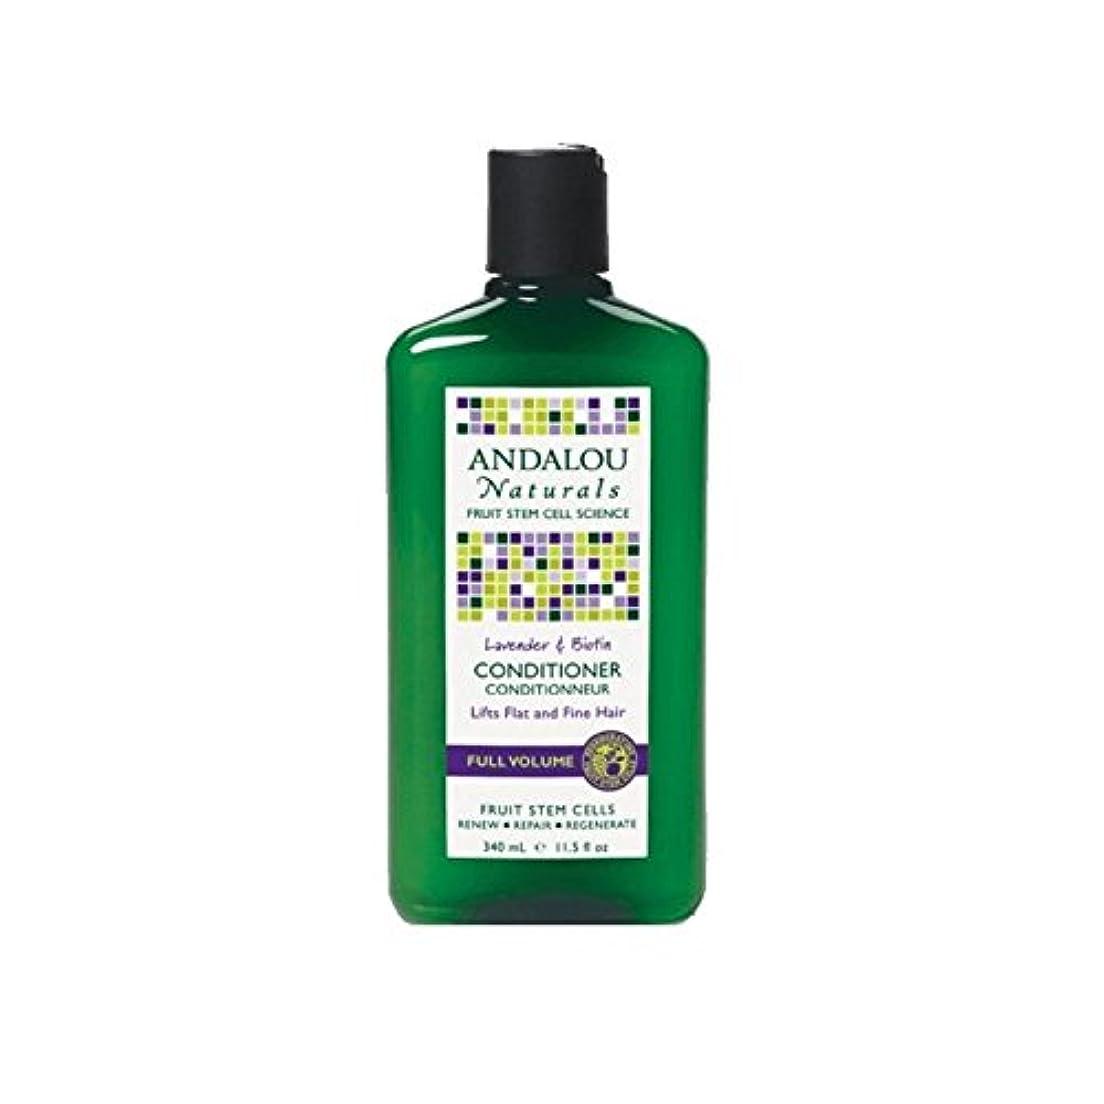 一見不規則性トランペットアンダロウラベンダー&ビオチンフルボリュームコンディショナー340ミリリットル - Andalou Lavender & Biotin Full Volume Conditioner 340ml (Andalou) [並行輸入品]